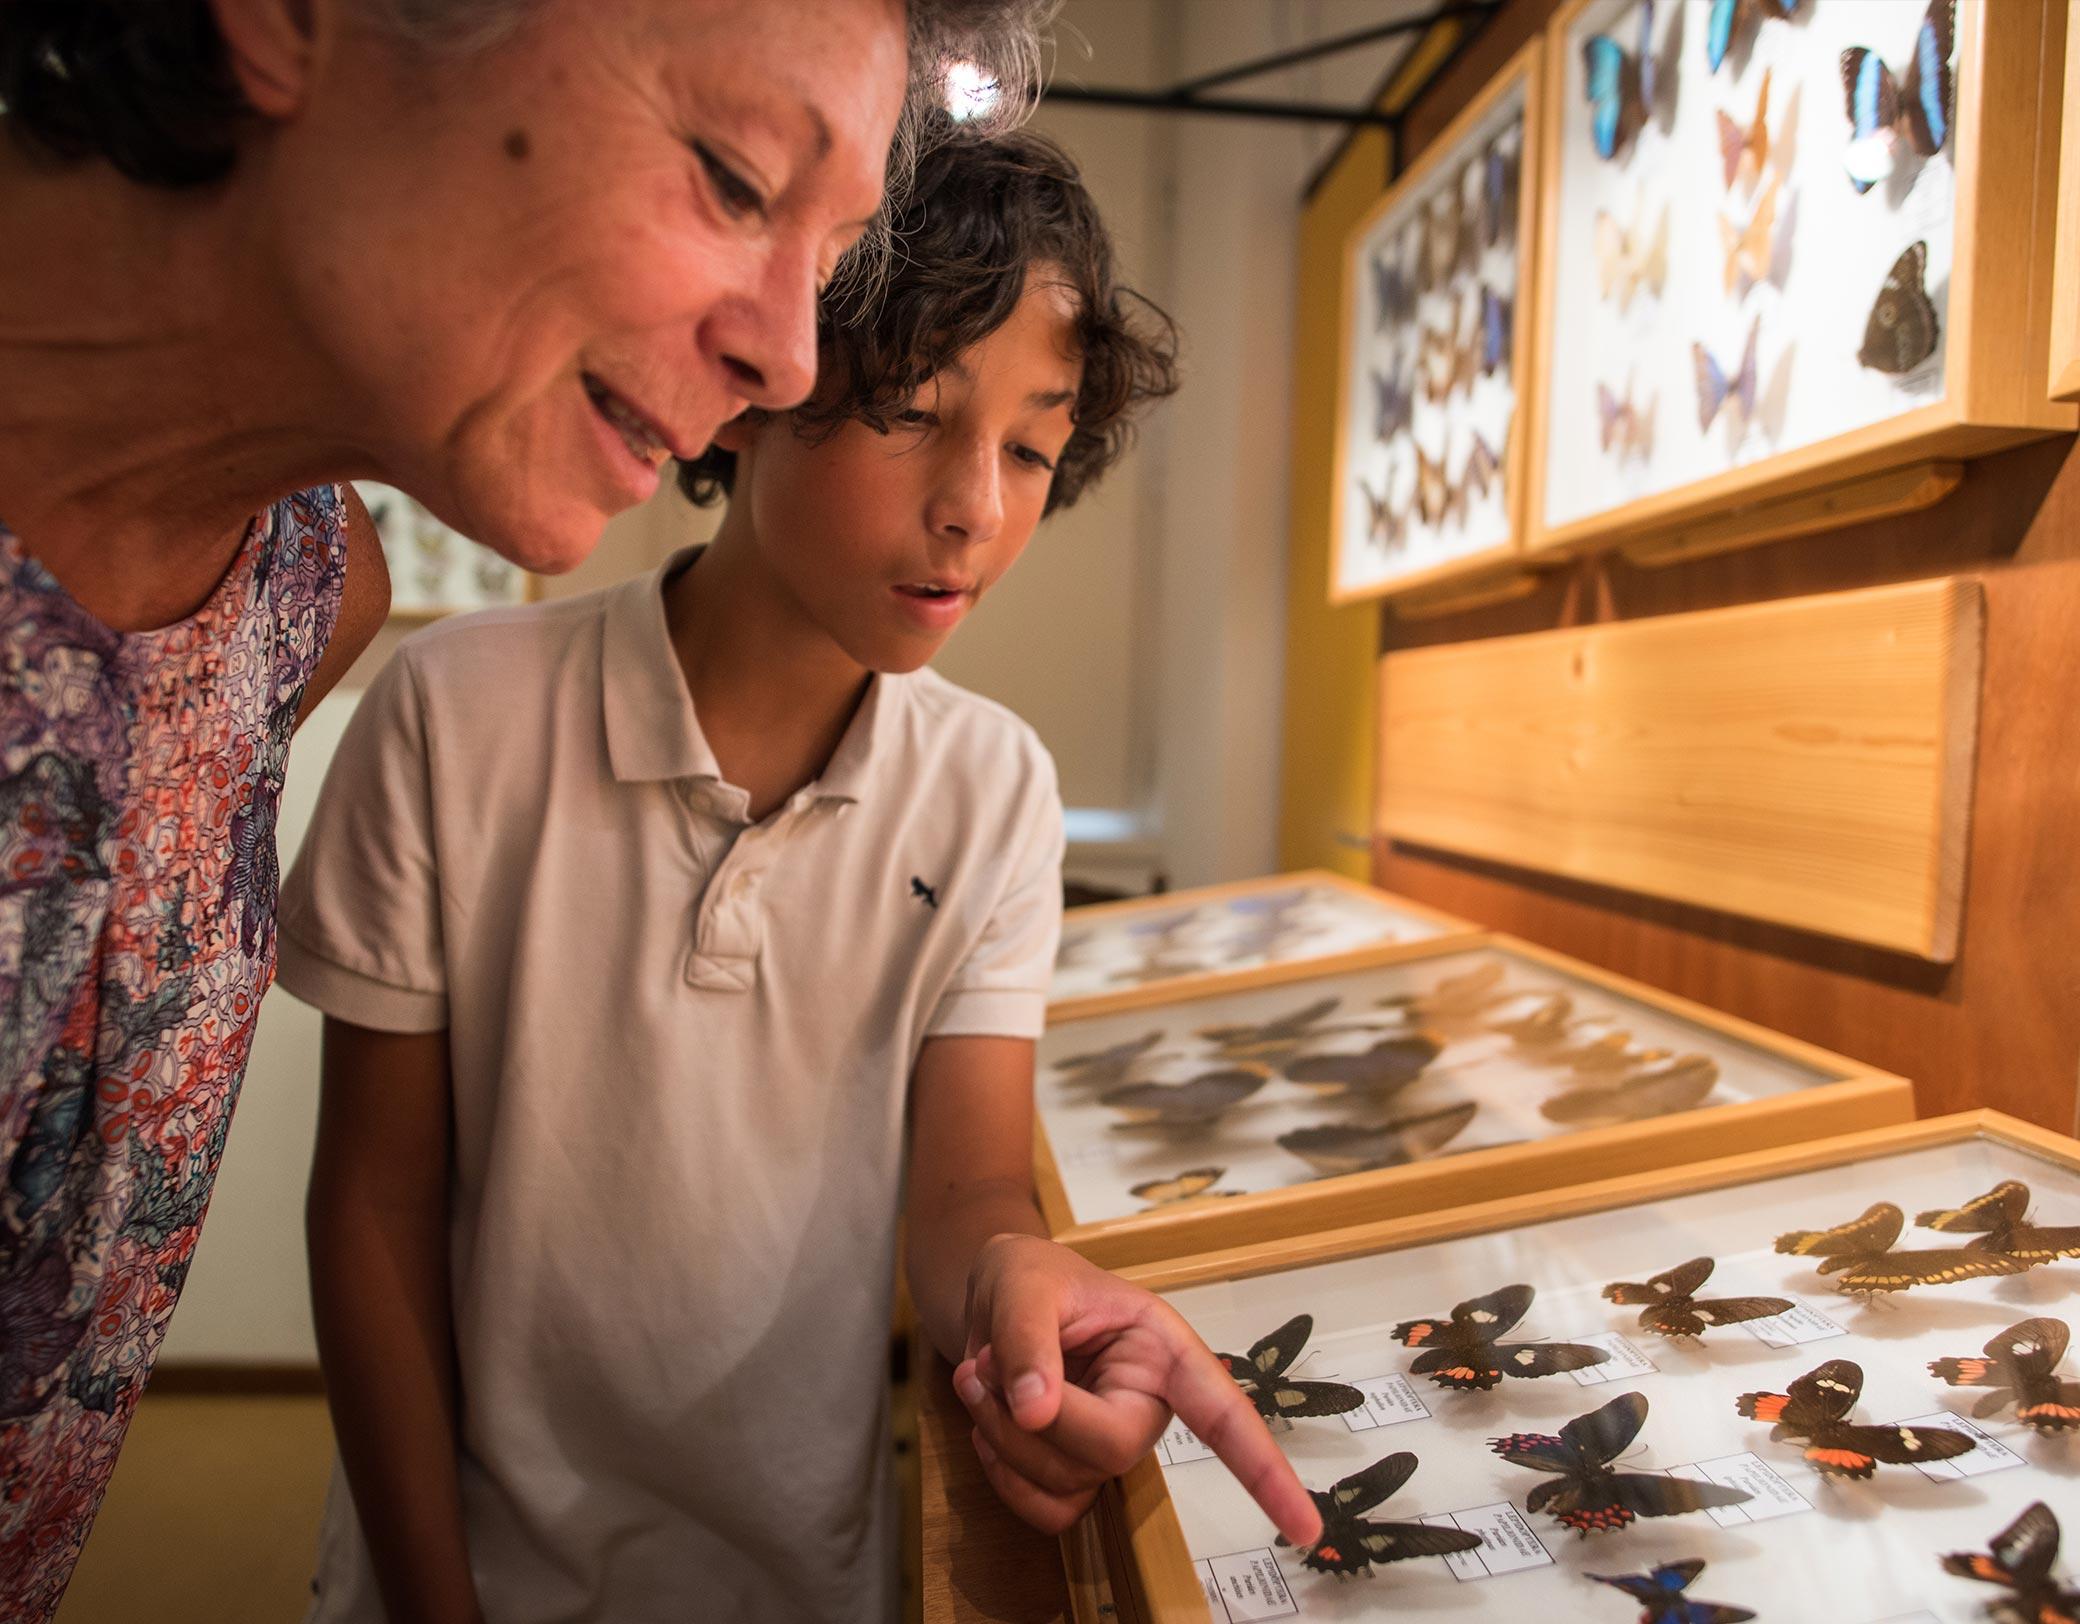 Muséum Papillons et insectes Faverges © T.Nalet/Sources du lac d'Annecy